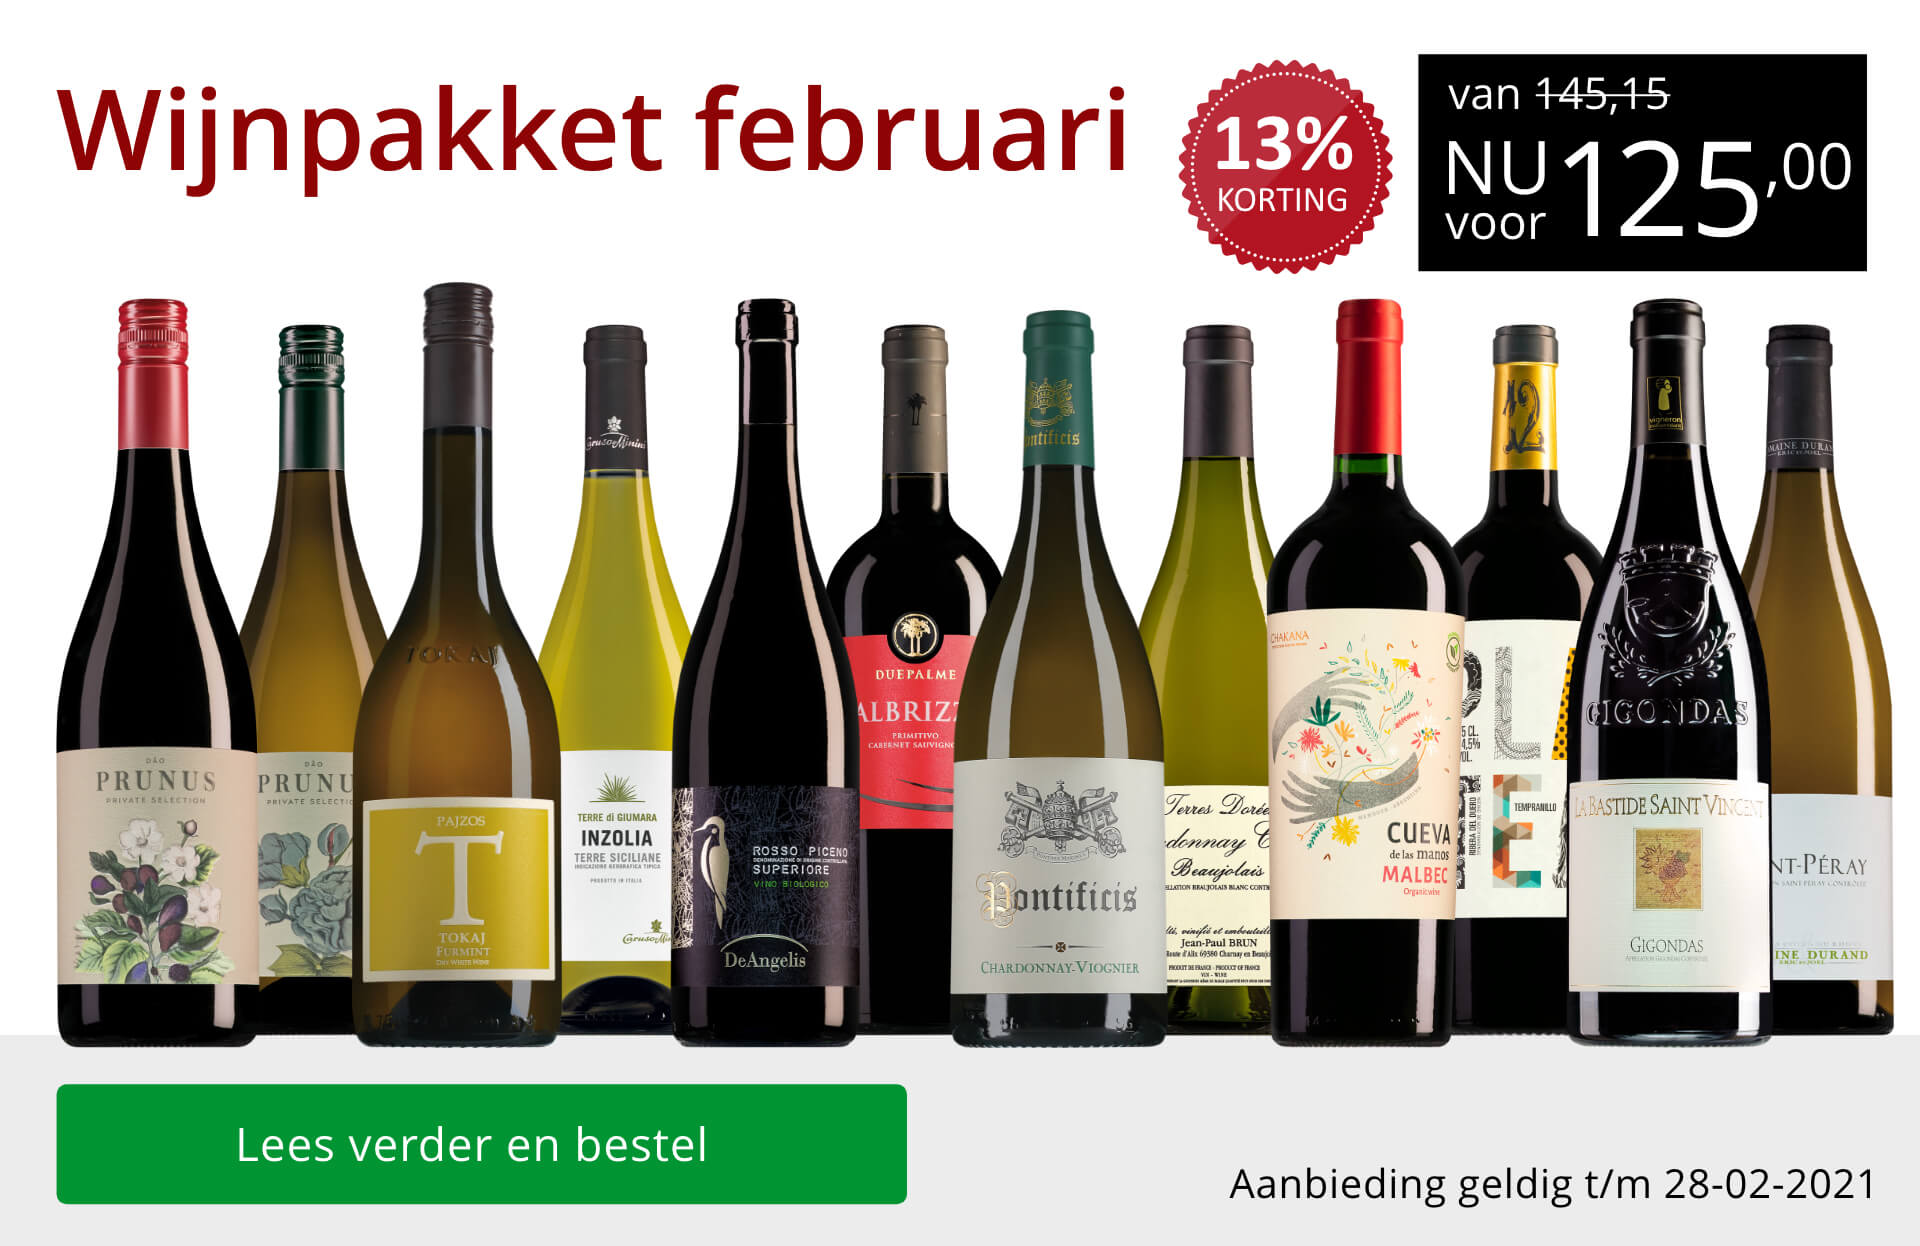 Wijnpakket wijnbericht februari 2021(125,00)-rood